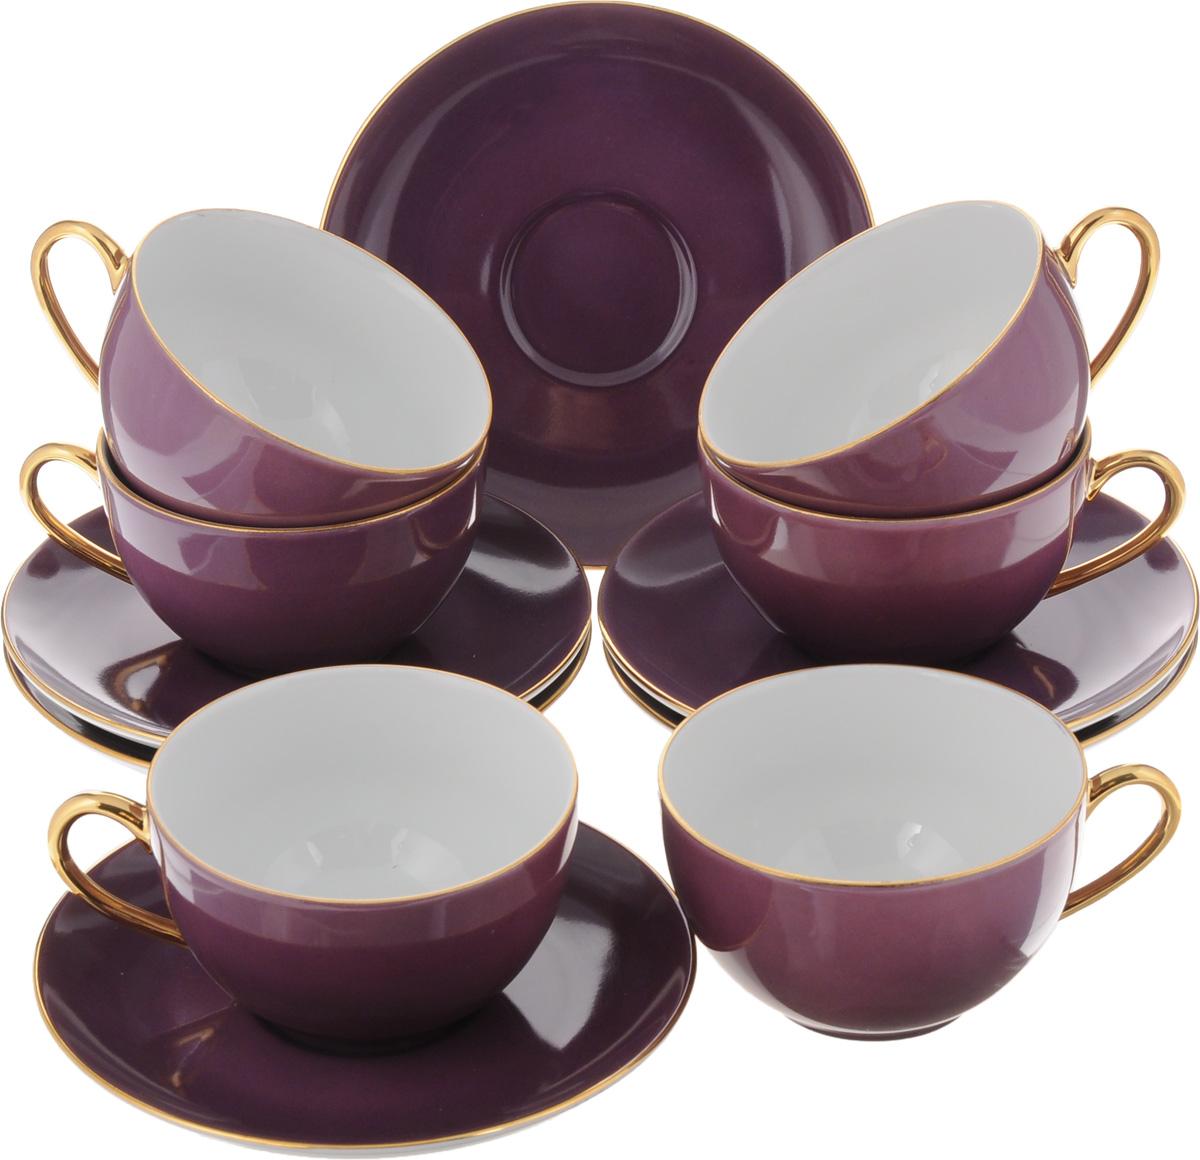 Набор чайный Yves De La Rosiere Monalisa, цвет: фиолетовый, 12 предметов619501 3124Чайный набор Yves De La Rosiere Monalisa состоит из 6 чашек и 6 блюдец, изготовленных из высококачественного фарфора. Такой набор прекрасно дополнит сервировку стола к чаепитию, а также станет замечательным подарком для ваших друзей и близких. Объем чашки: 220 мл. Диаметр чашки по верхнему краю: 9,5 см. Высота чашки: 5,5 см. Диаметр блюдца: 15 см. Высота блюдца: 2 см.